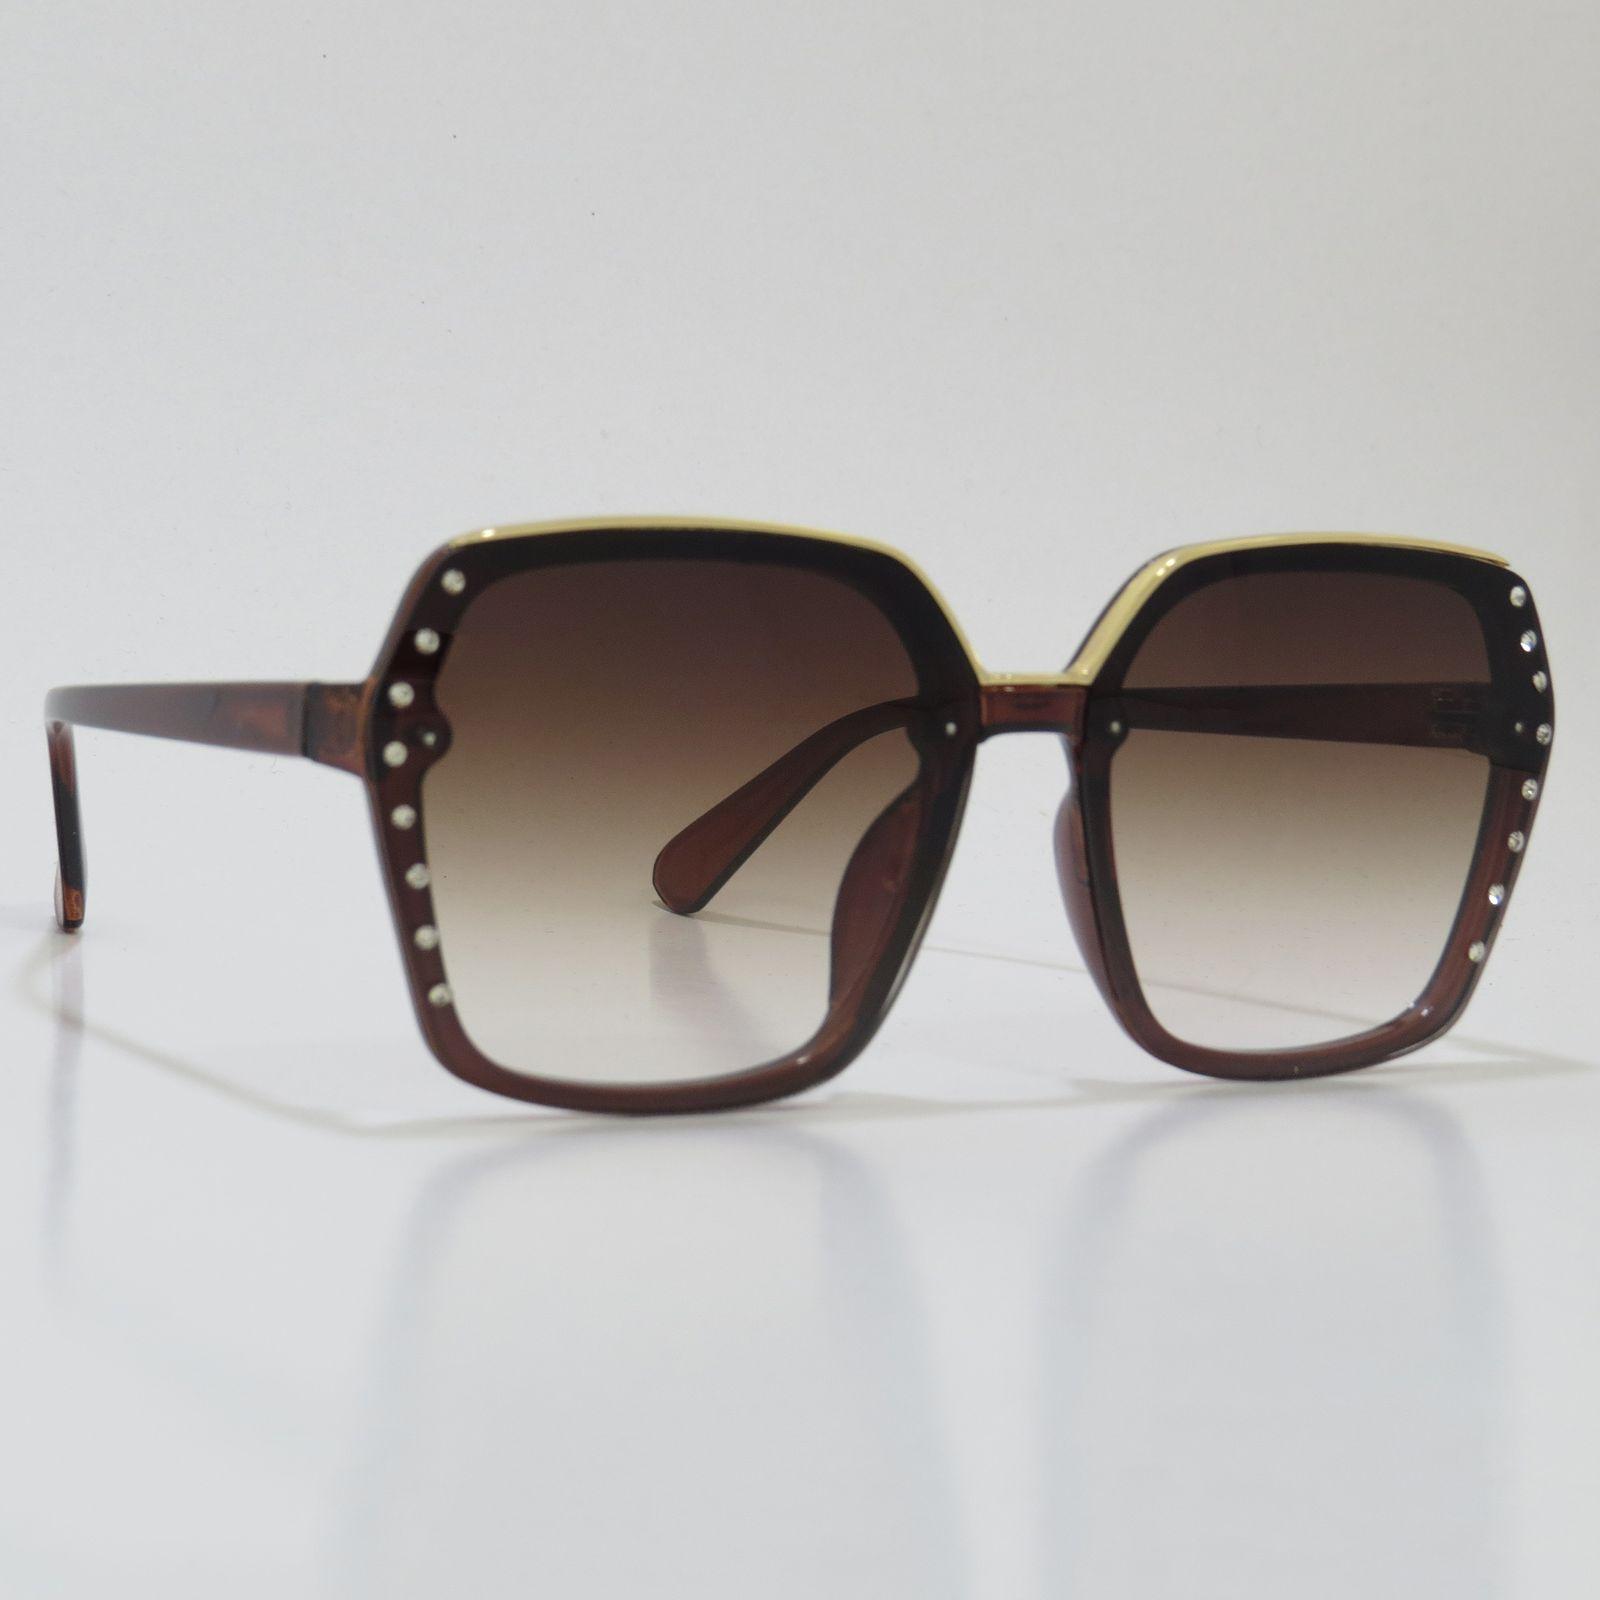 عینک آفتابی زنانه مدل B81001 -  - 4